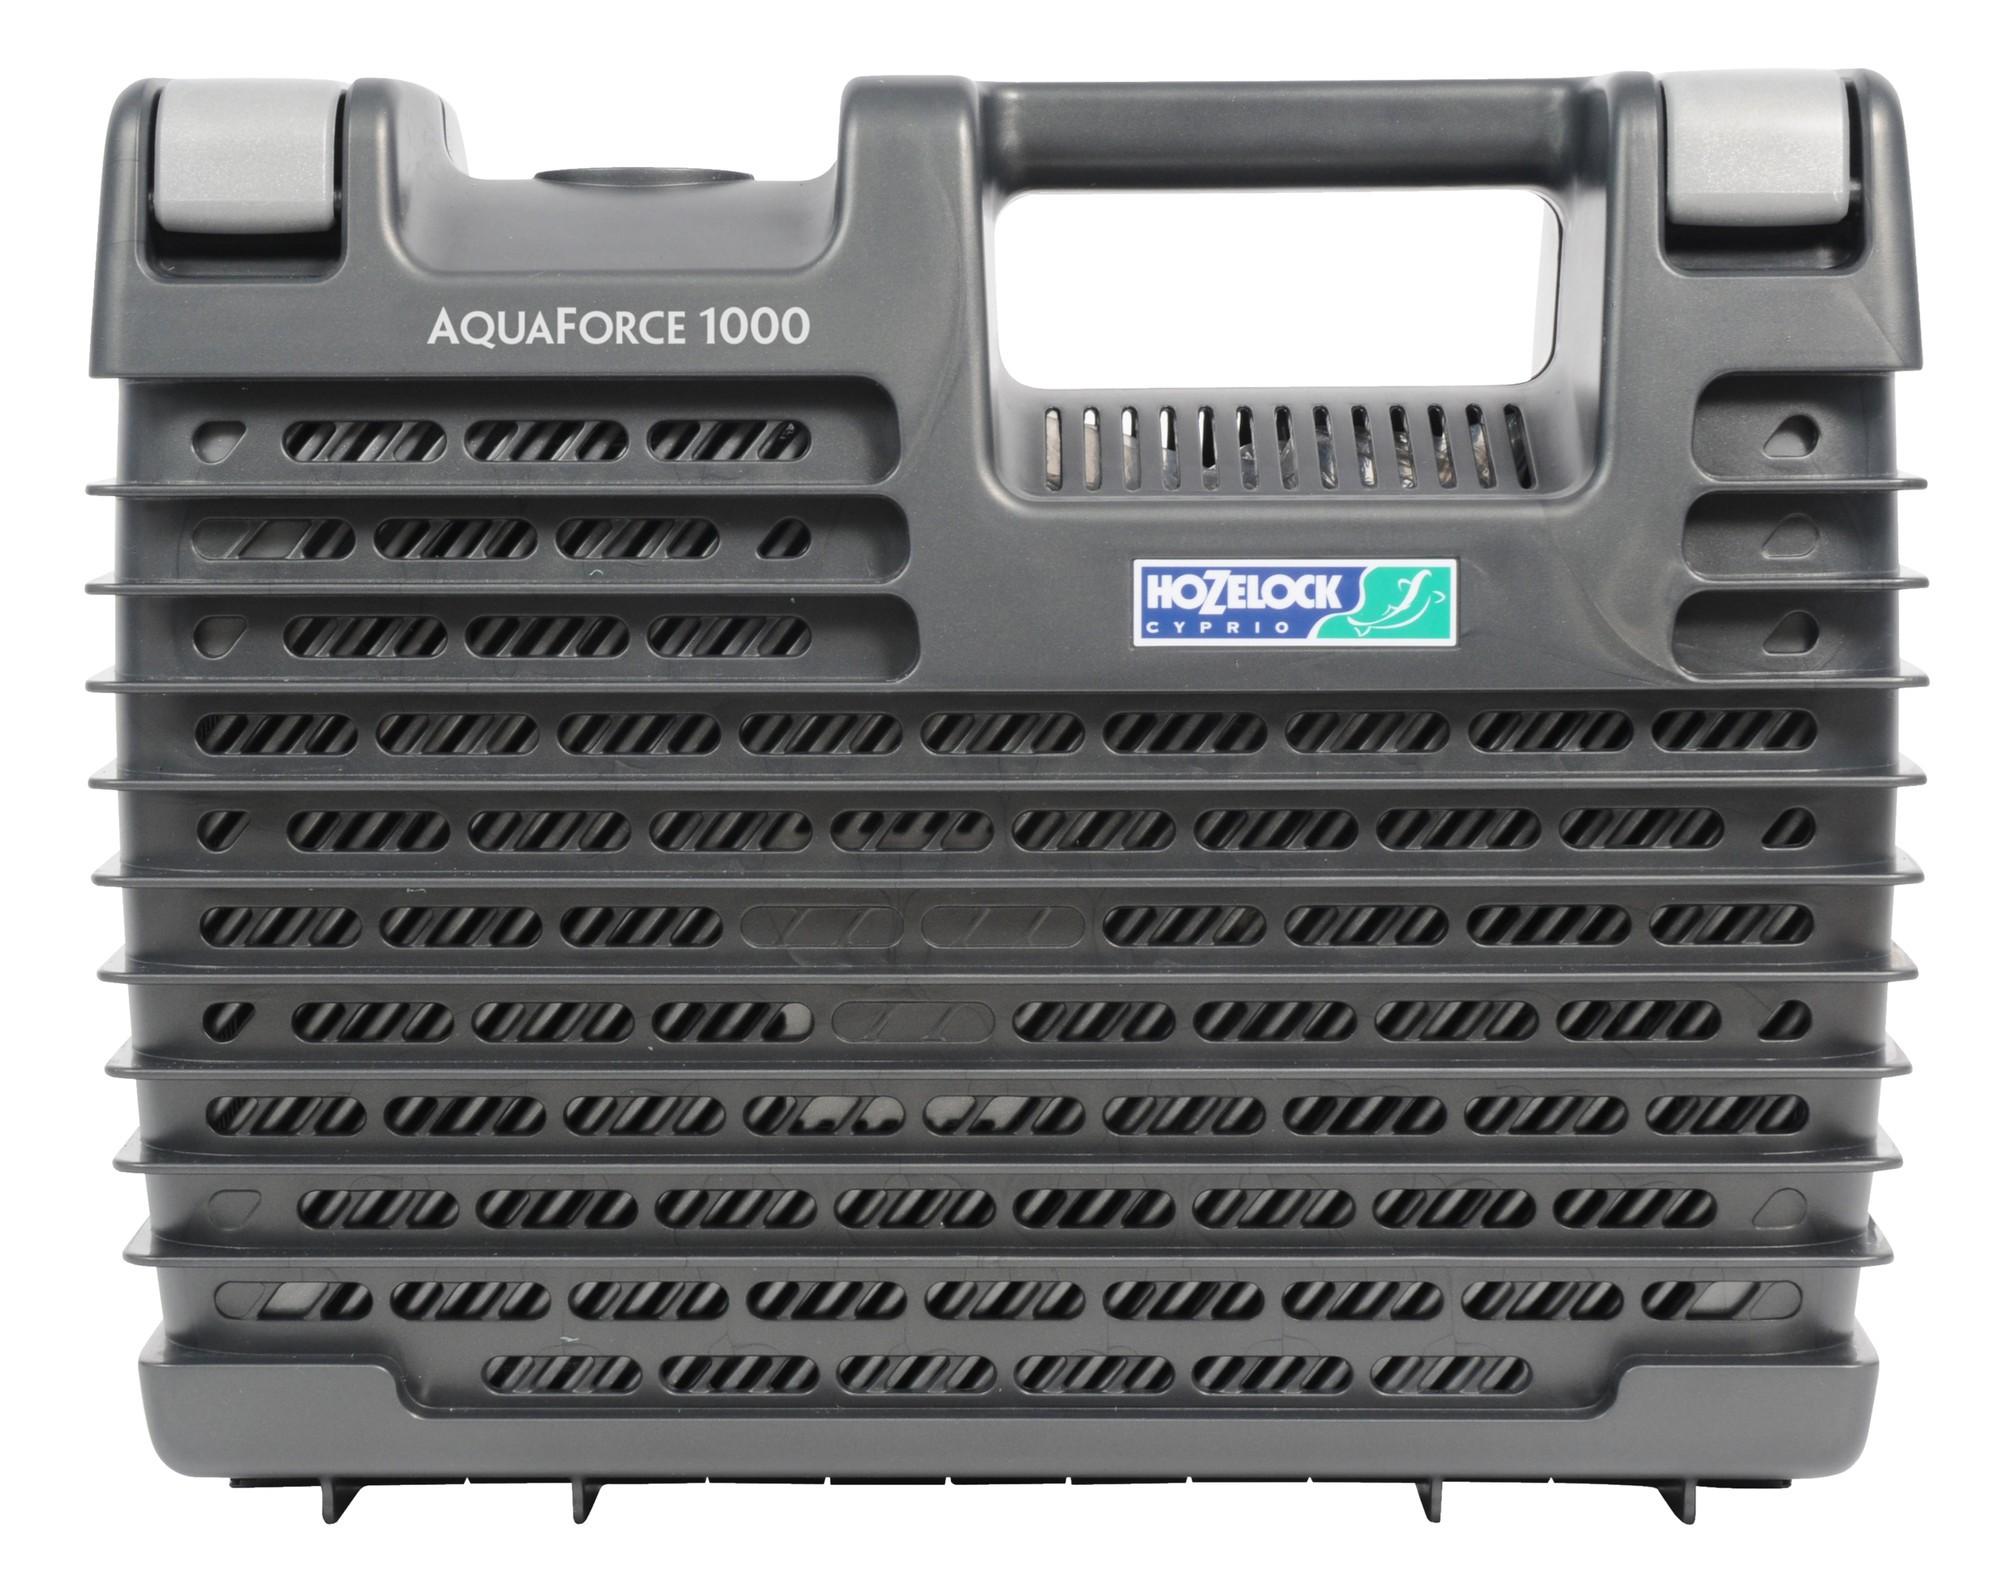 Aquaforce 1000